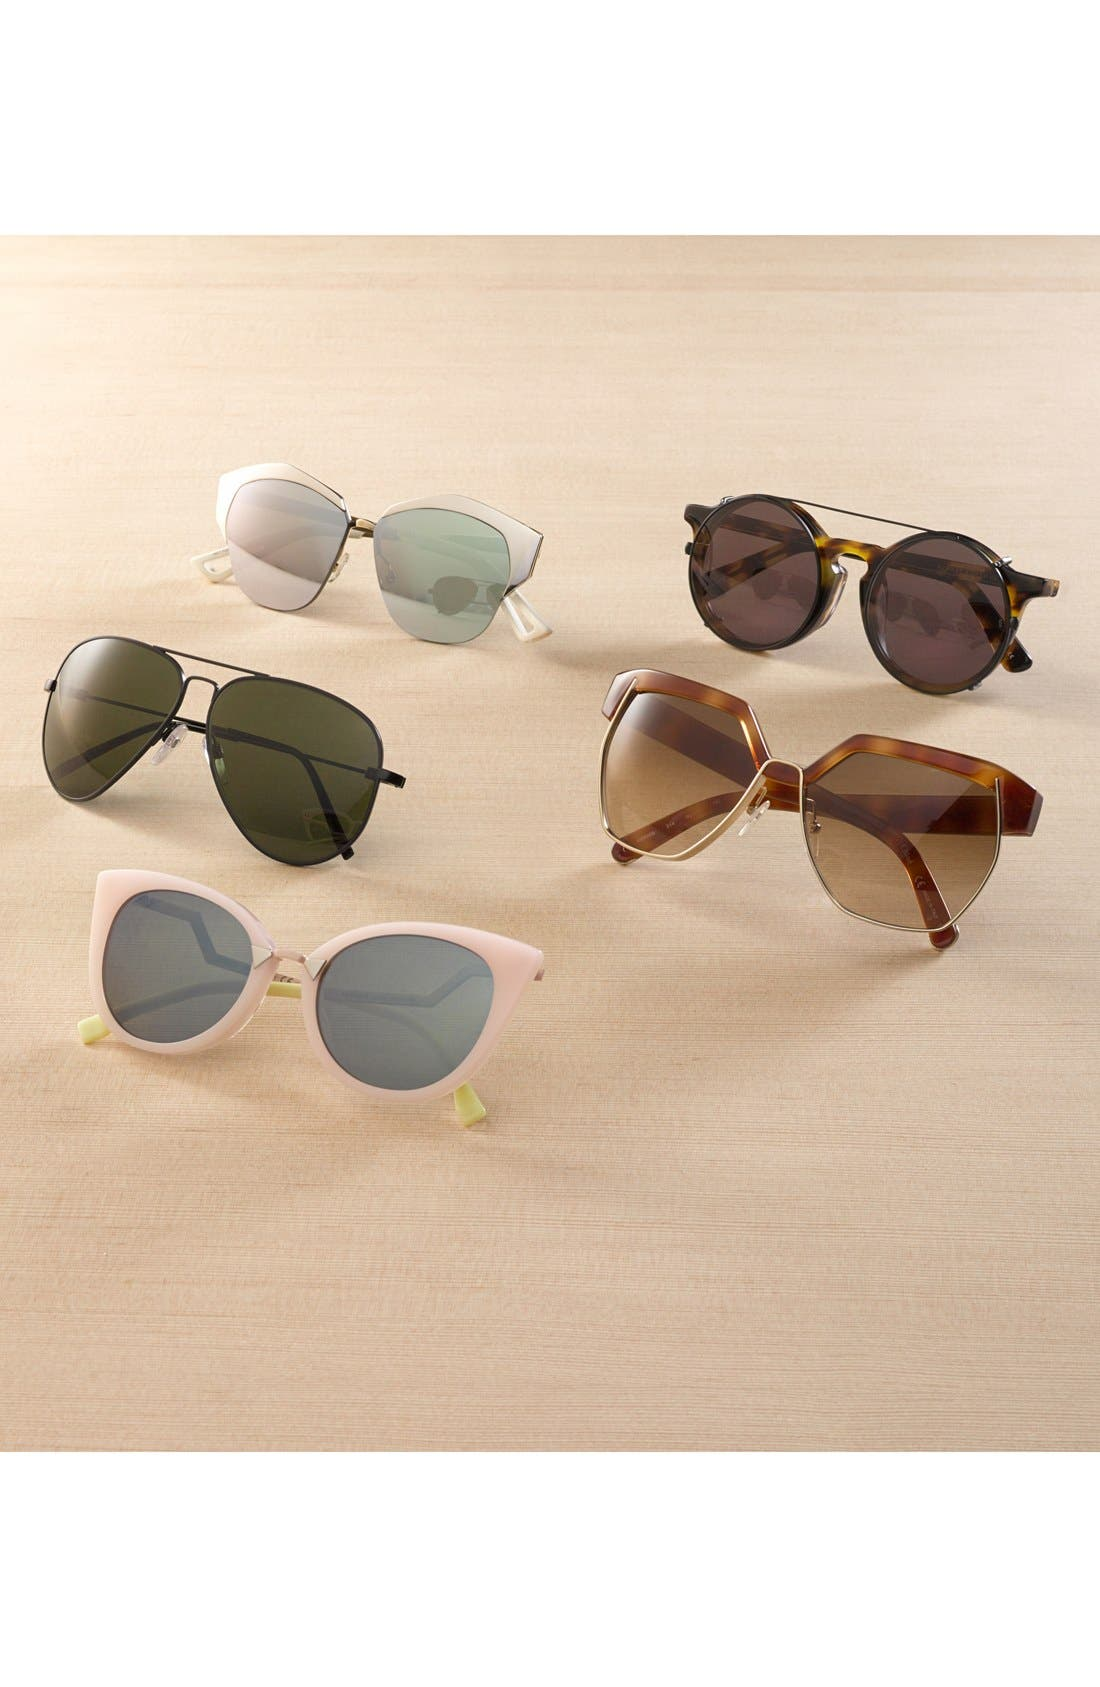 'AV1 XL' 62mm Aviator Sunglasses,                             Alternate thumbnail 3, color,